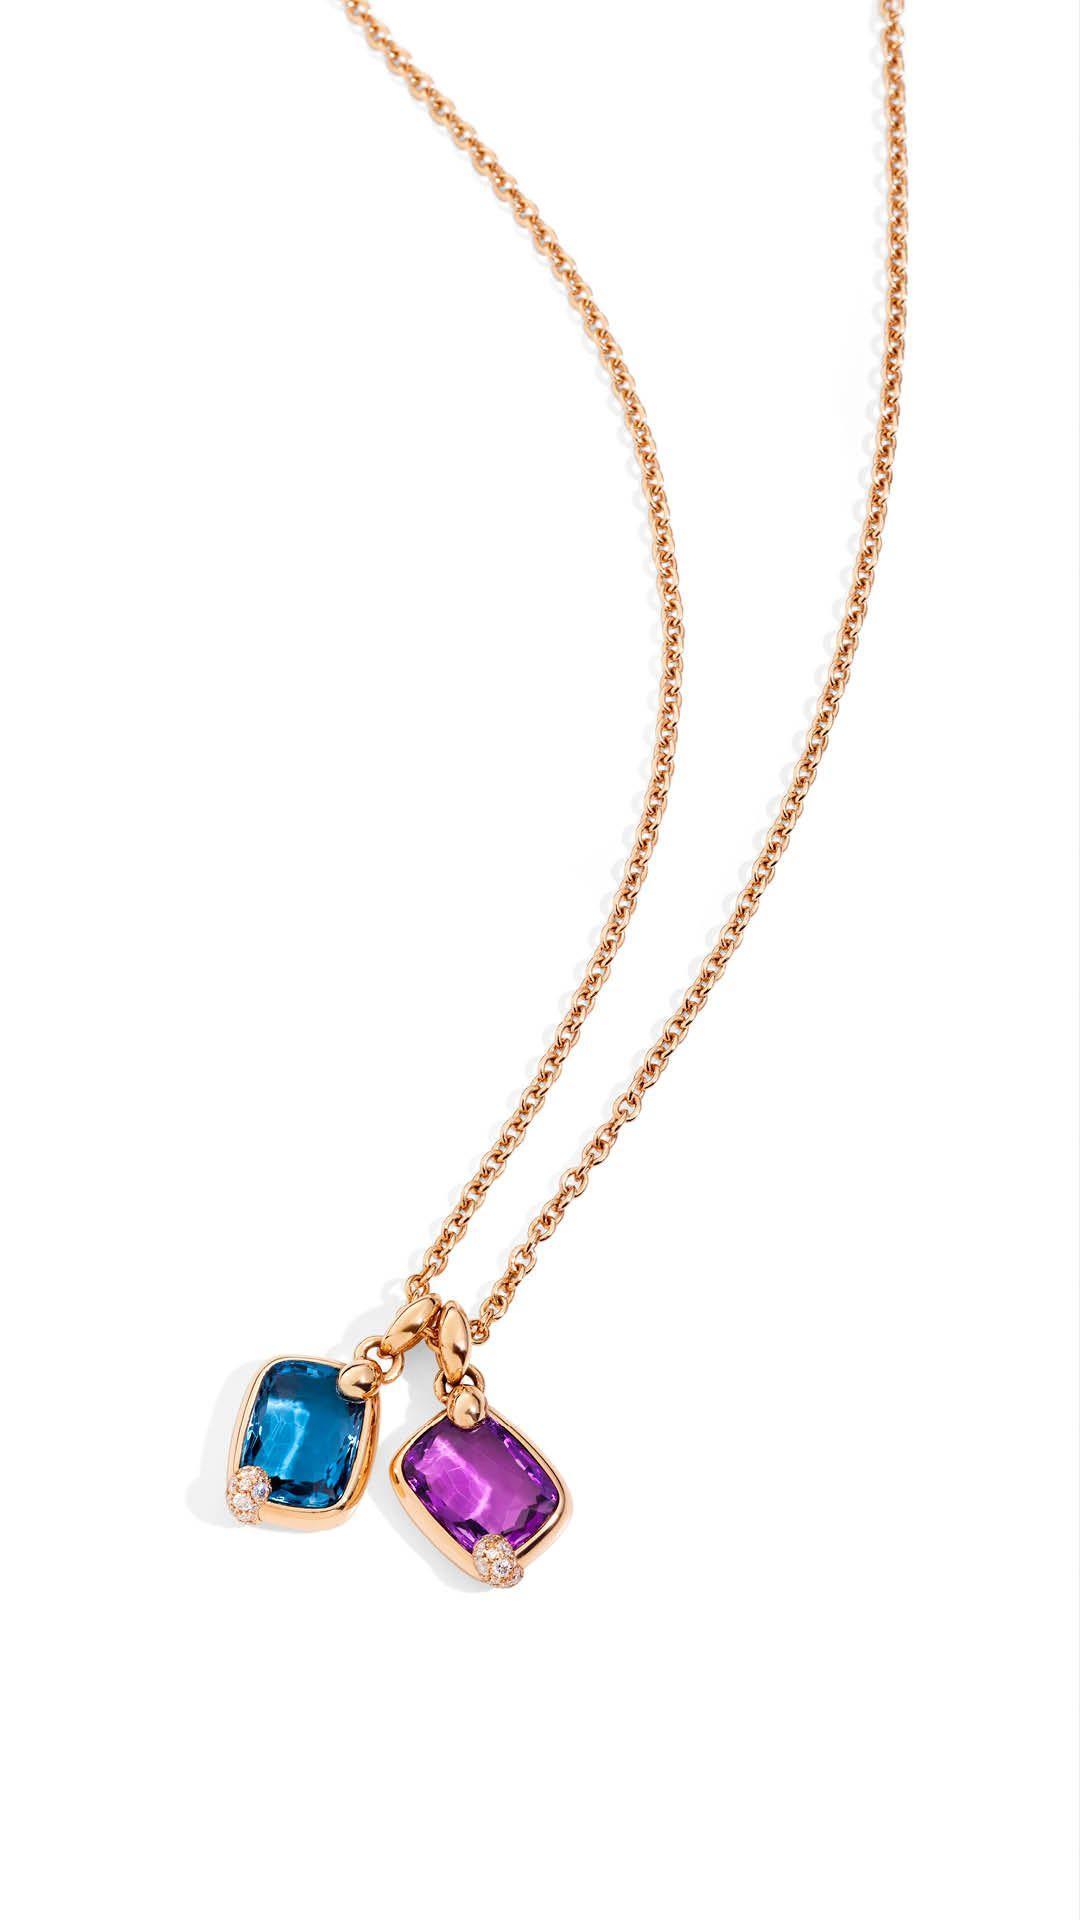 Pomellato Ritratto pendant